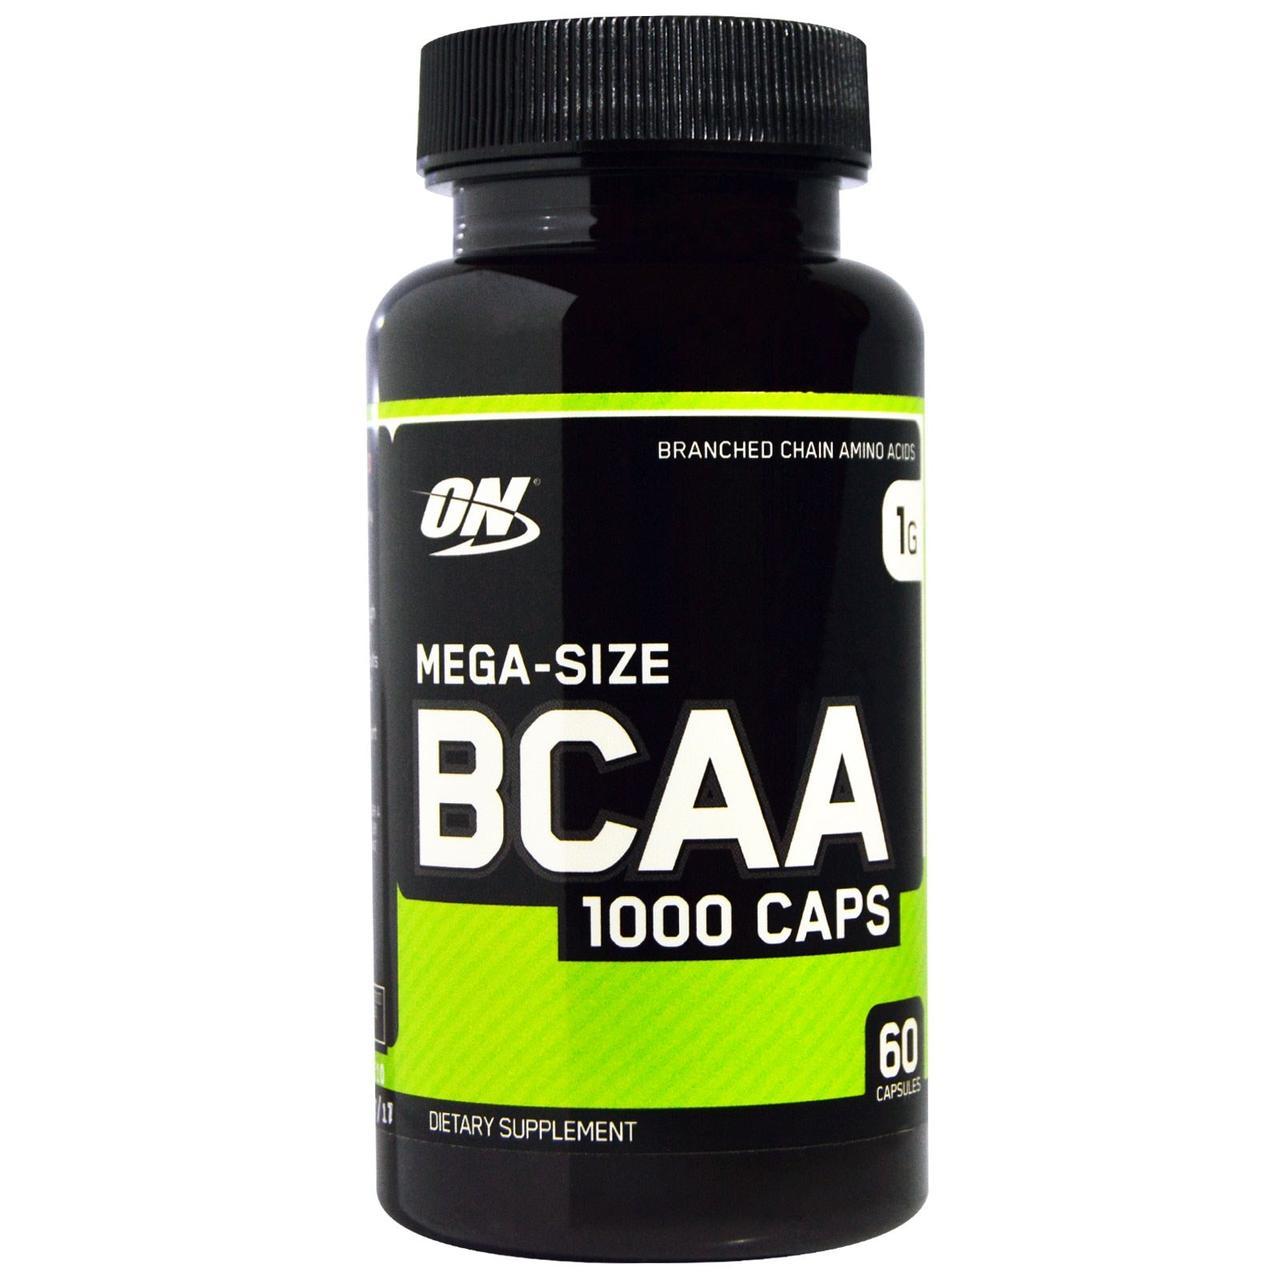 Optimum Nutrition, Аминокислотный комплекс BCAA 1000 Caps, большая упаковка, 1 г, 60 капсул, купить, цена, отзывы - ⭐FREELIFE⭐ интернет-магазин натуральных препаратов для здоровья №➀ в Украине в Киеве